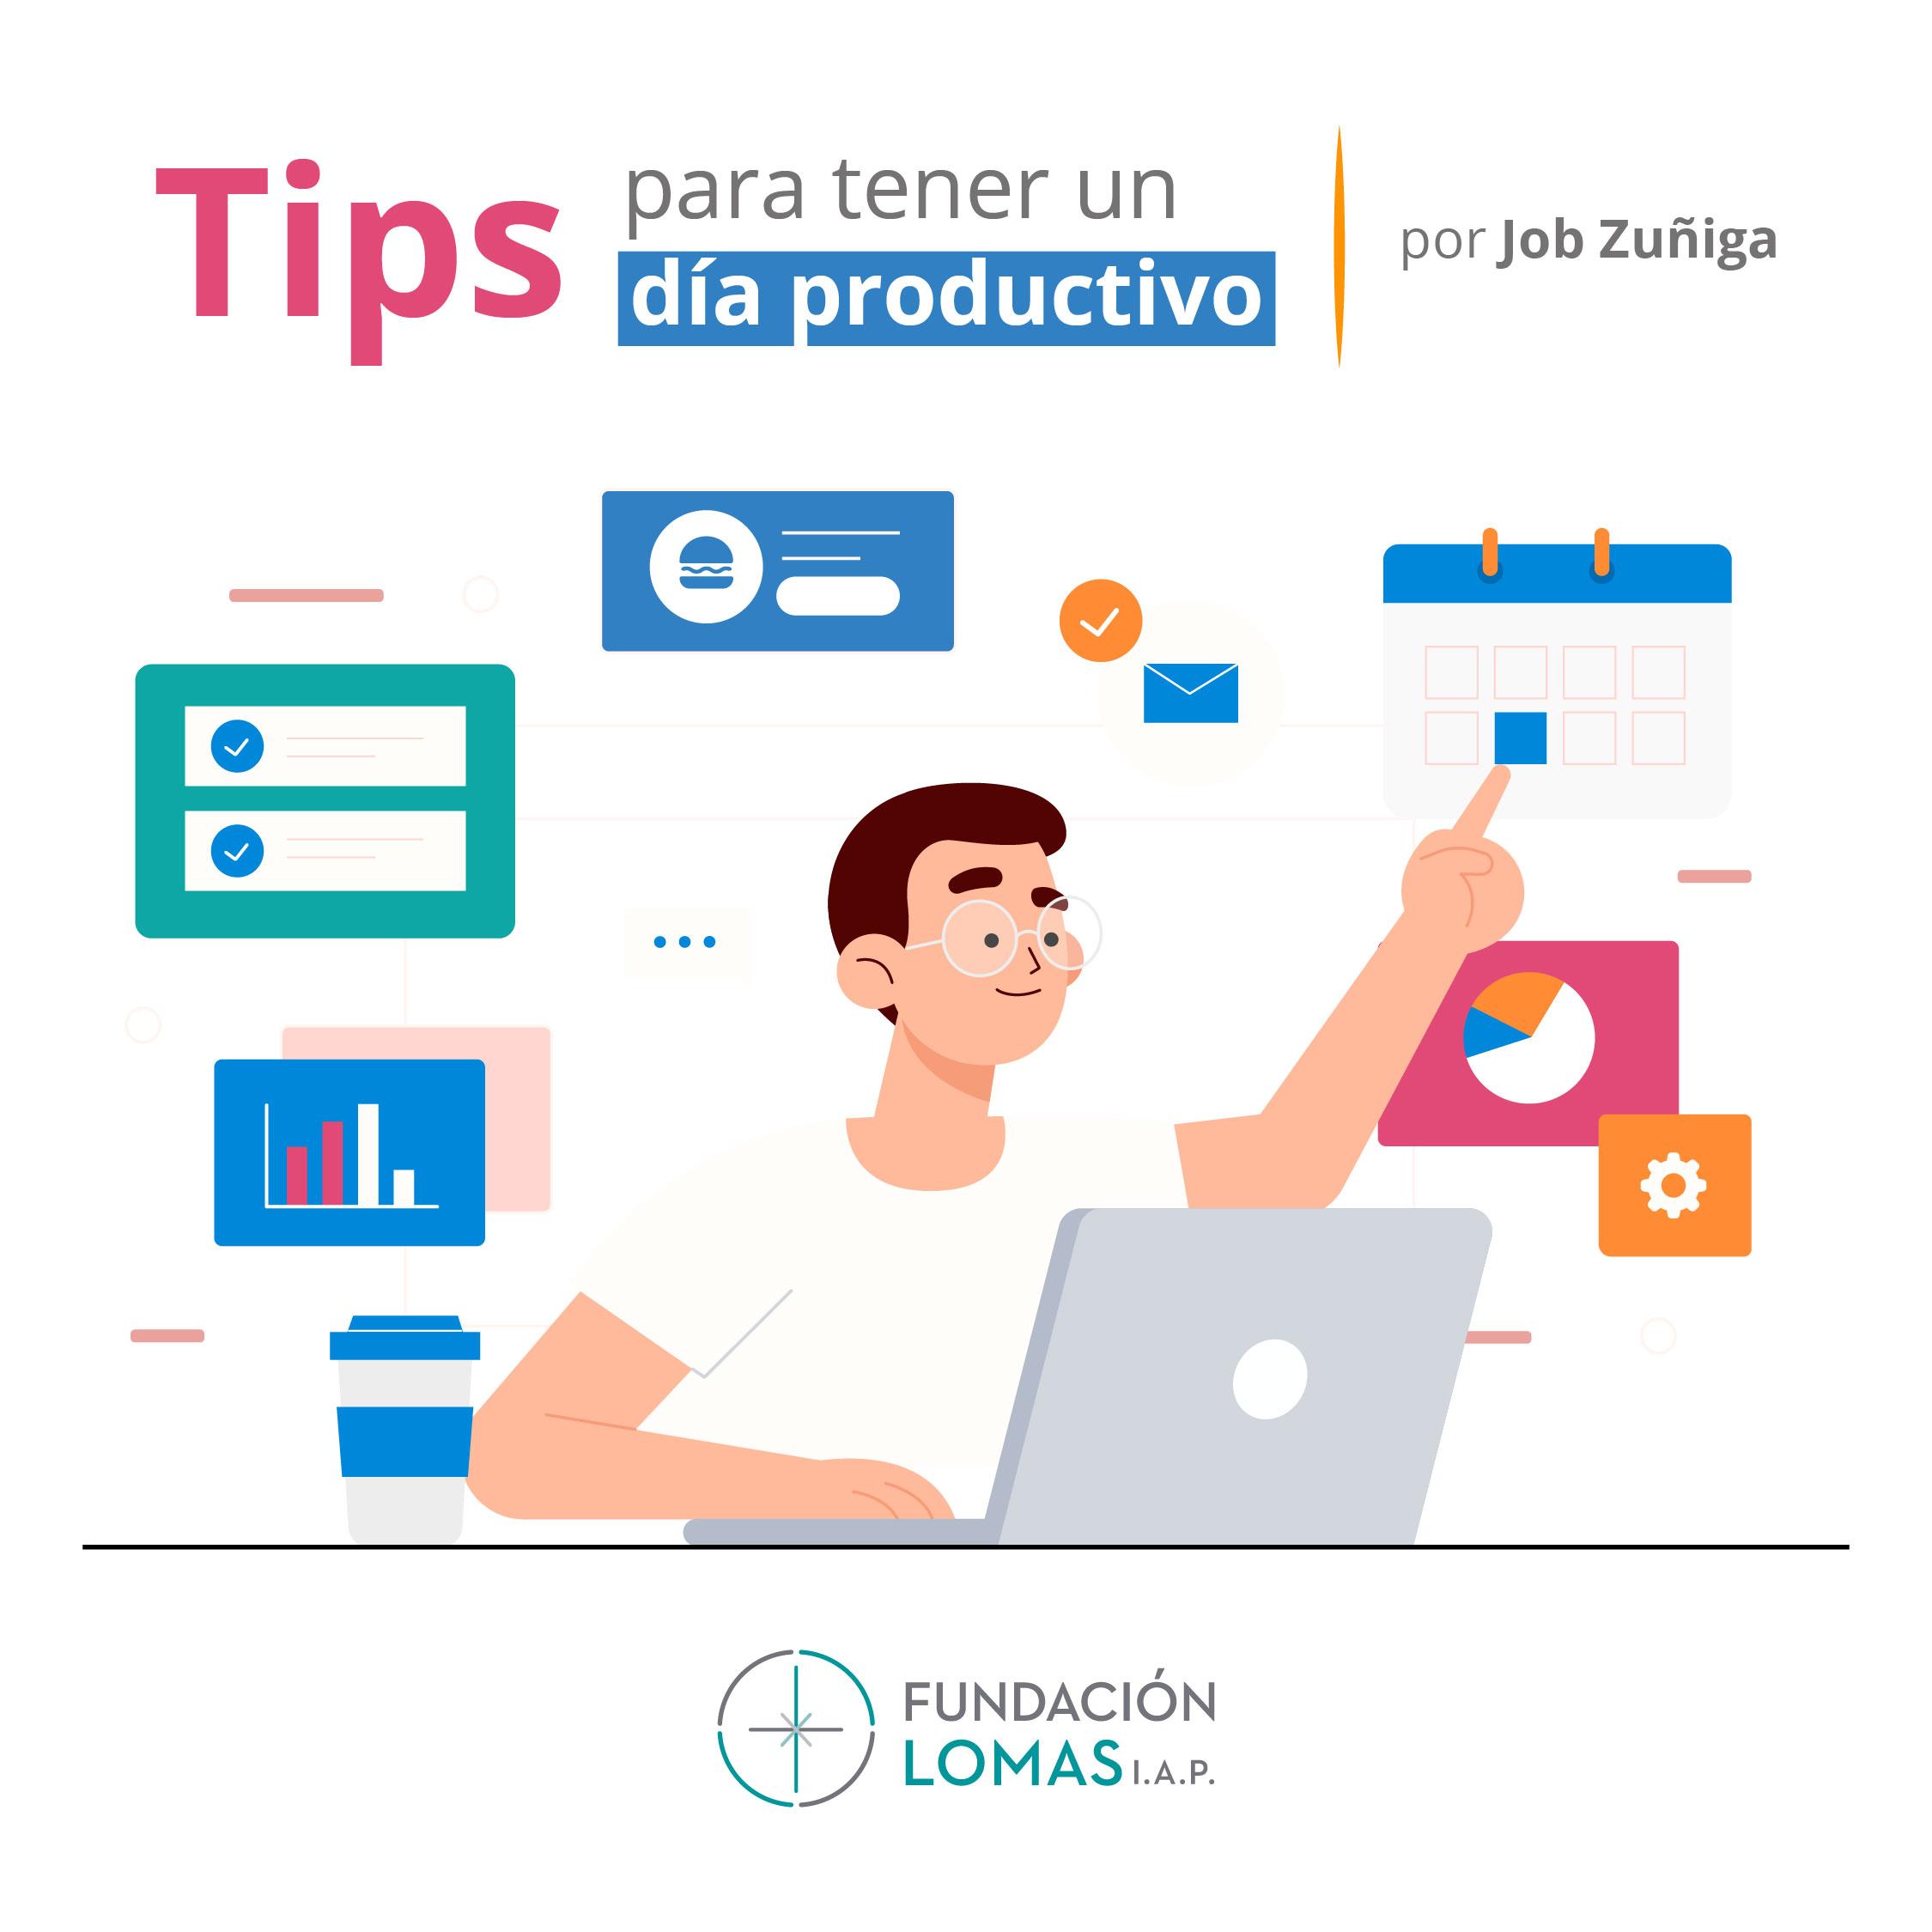 Tips para tener un día productivo